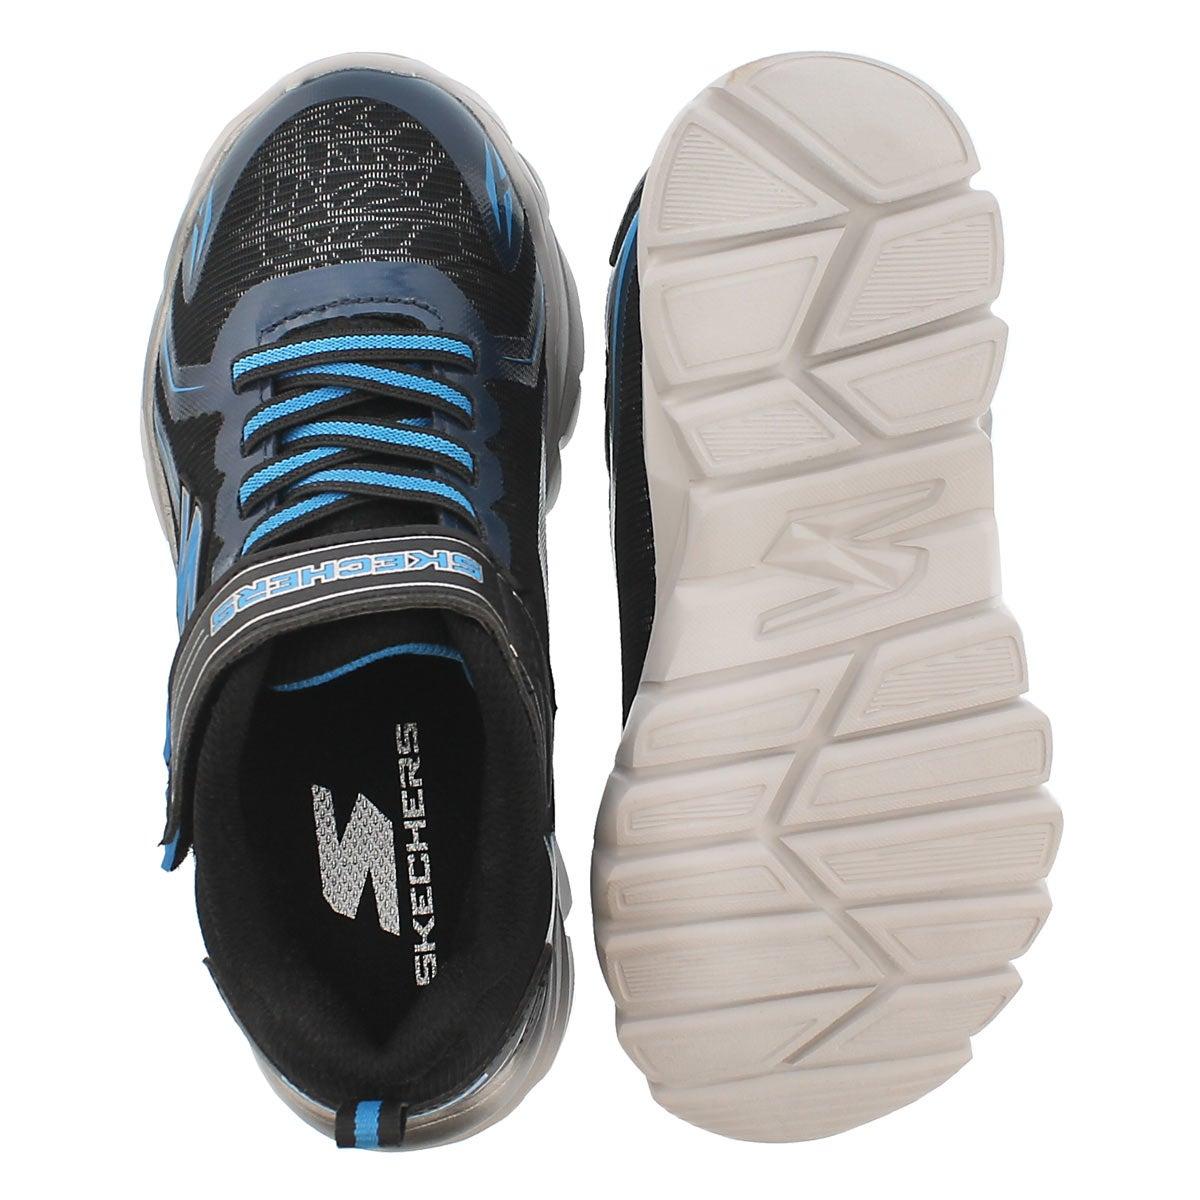 Bys Blazar black/navy sneaker